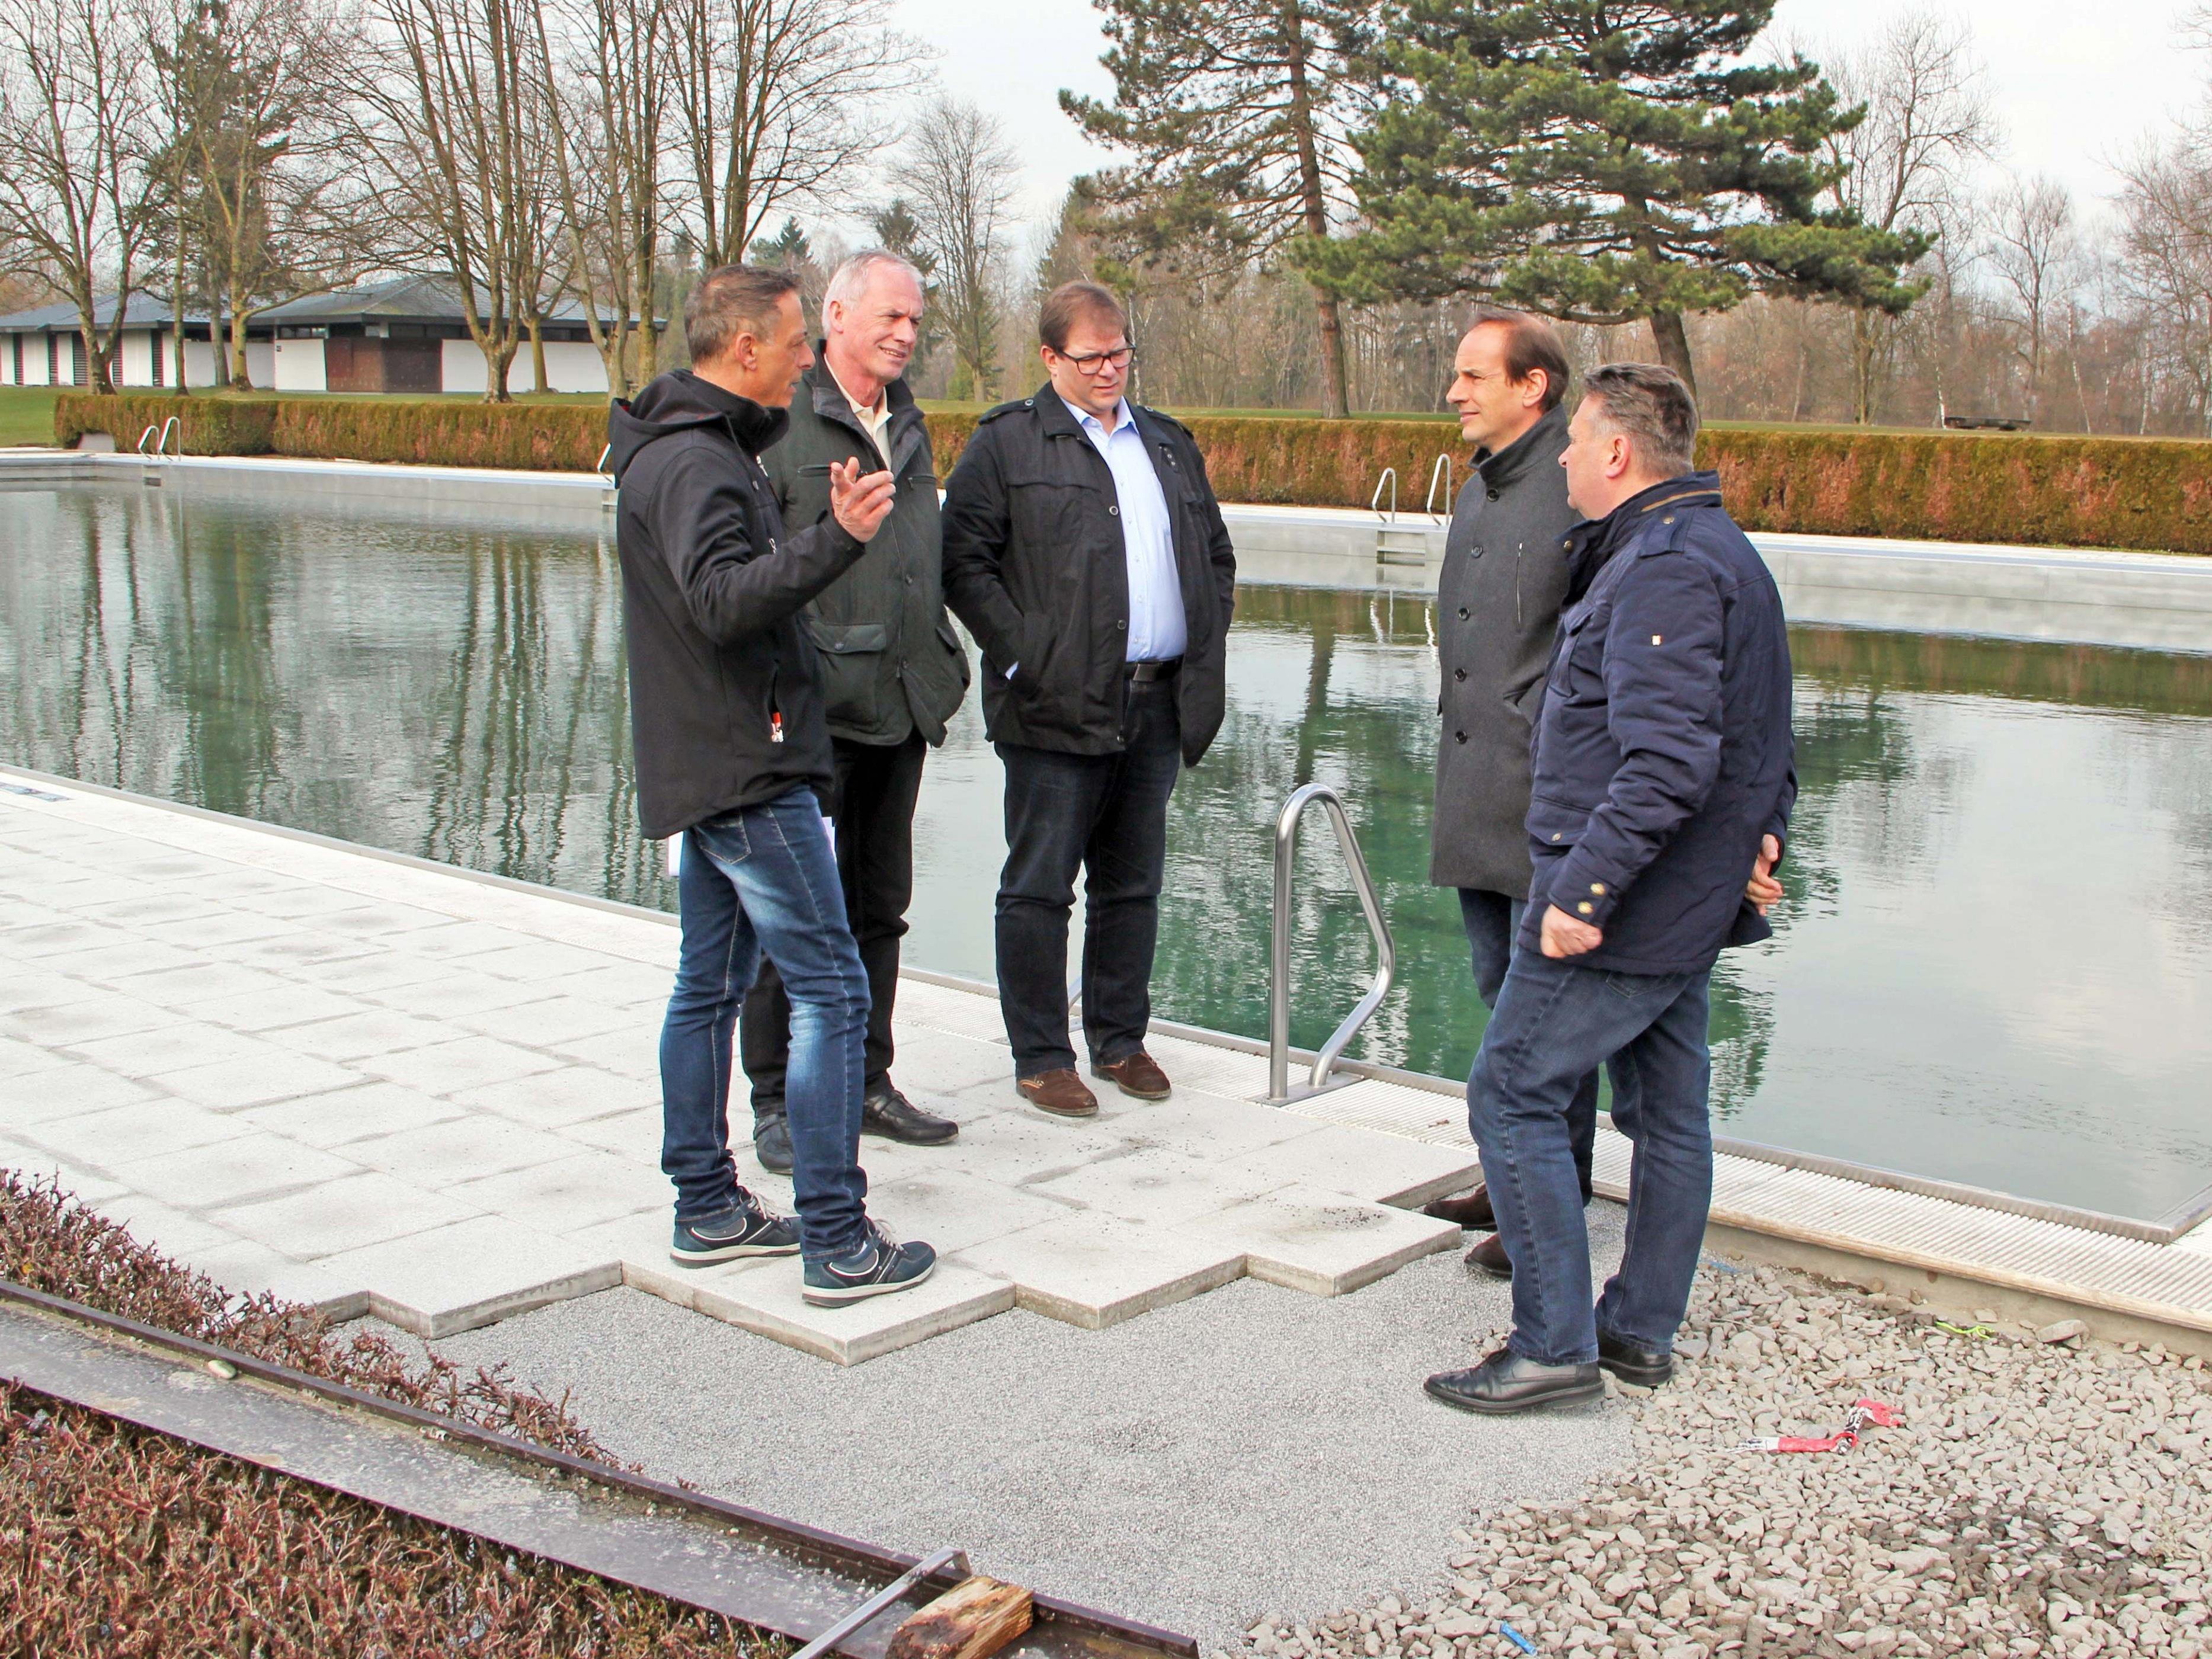 Die Bürgermeister der umliegenden Gemeinden machen sich vor Ort ein Bild über den Fortschritt der Arbeiten im Erholungszentrum Rheinauen in Hohenems.